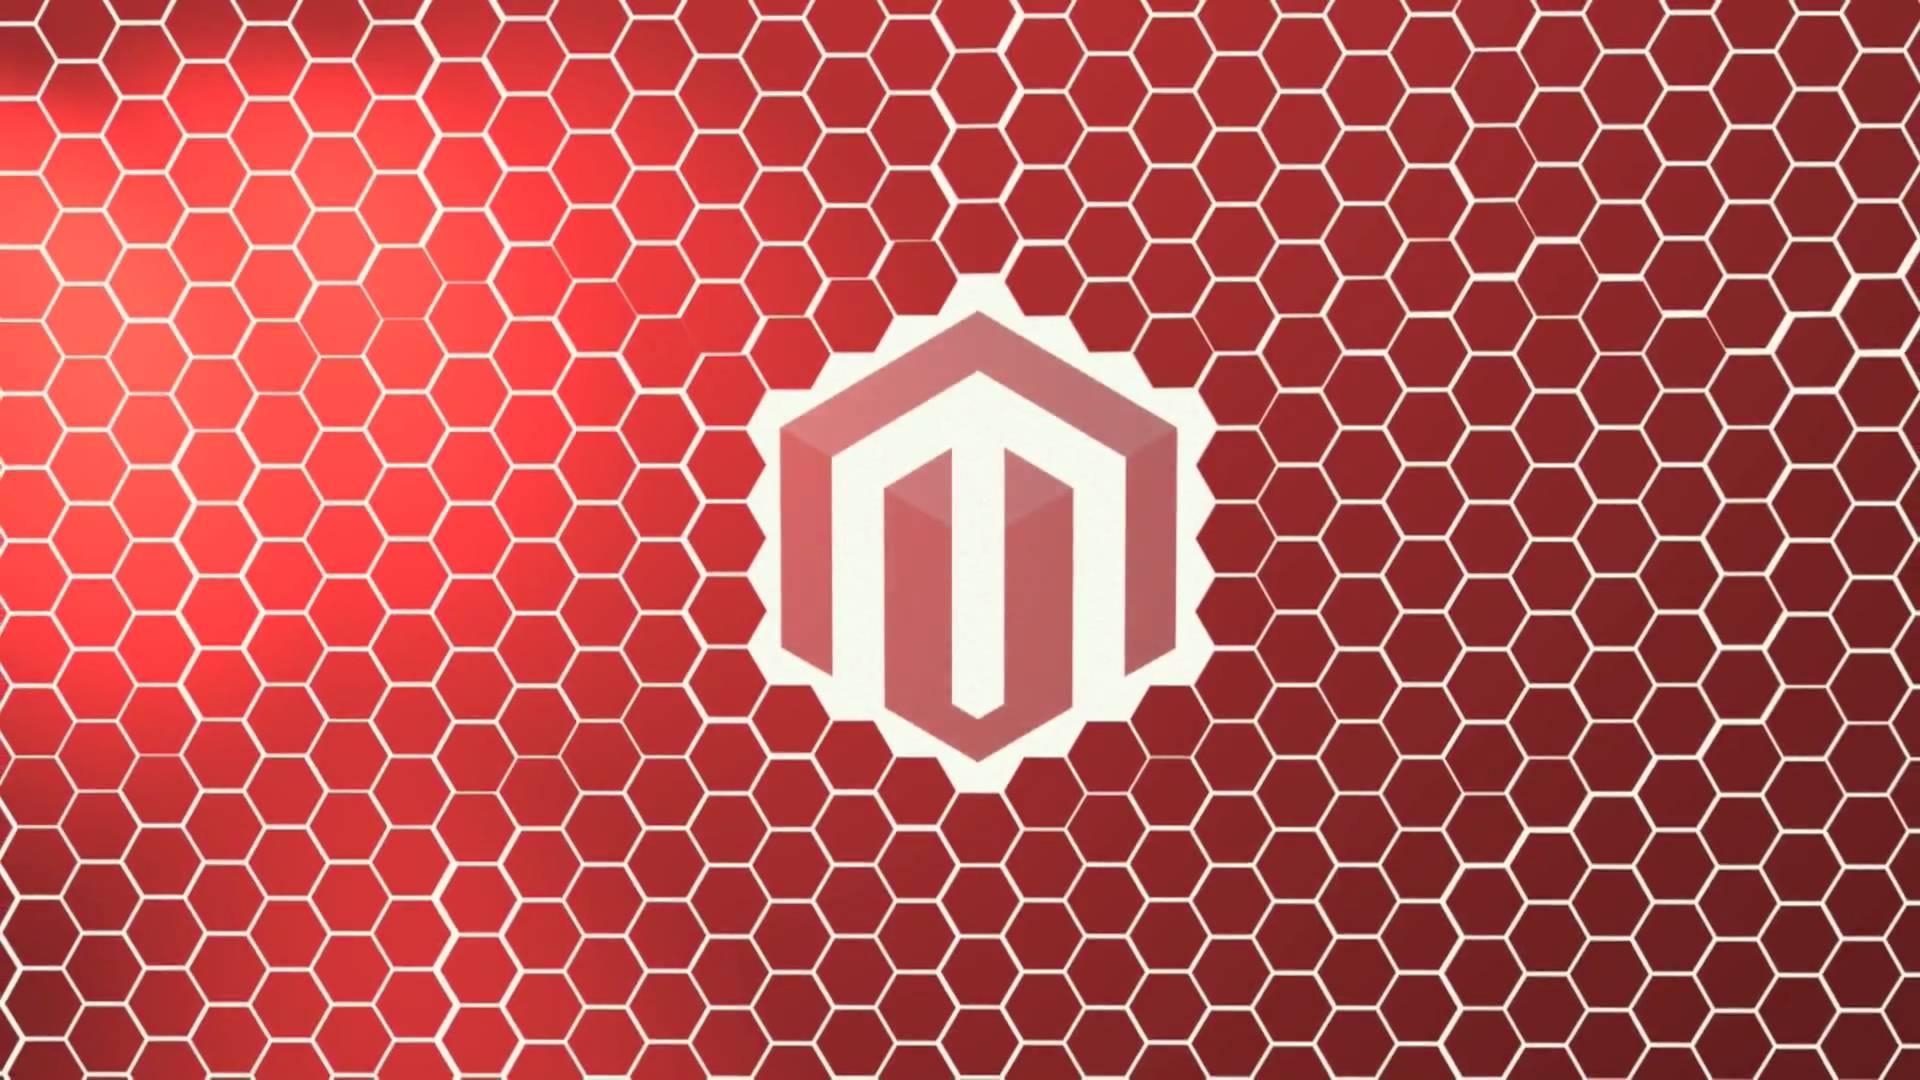 Magento Hosting By Umbrella HostUK Magento Hosting Solutions ...